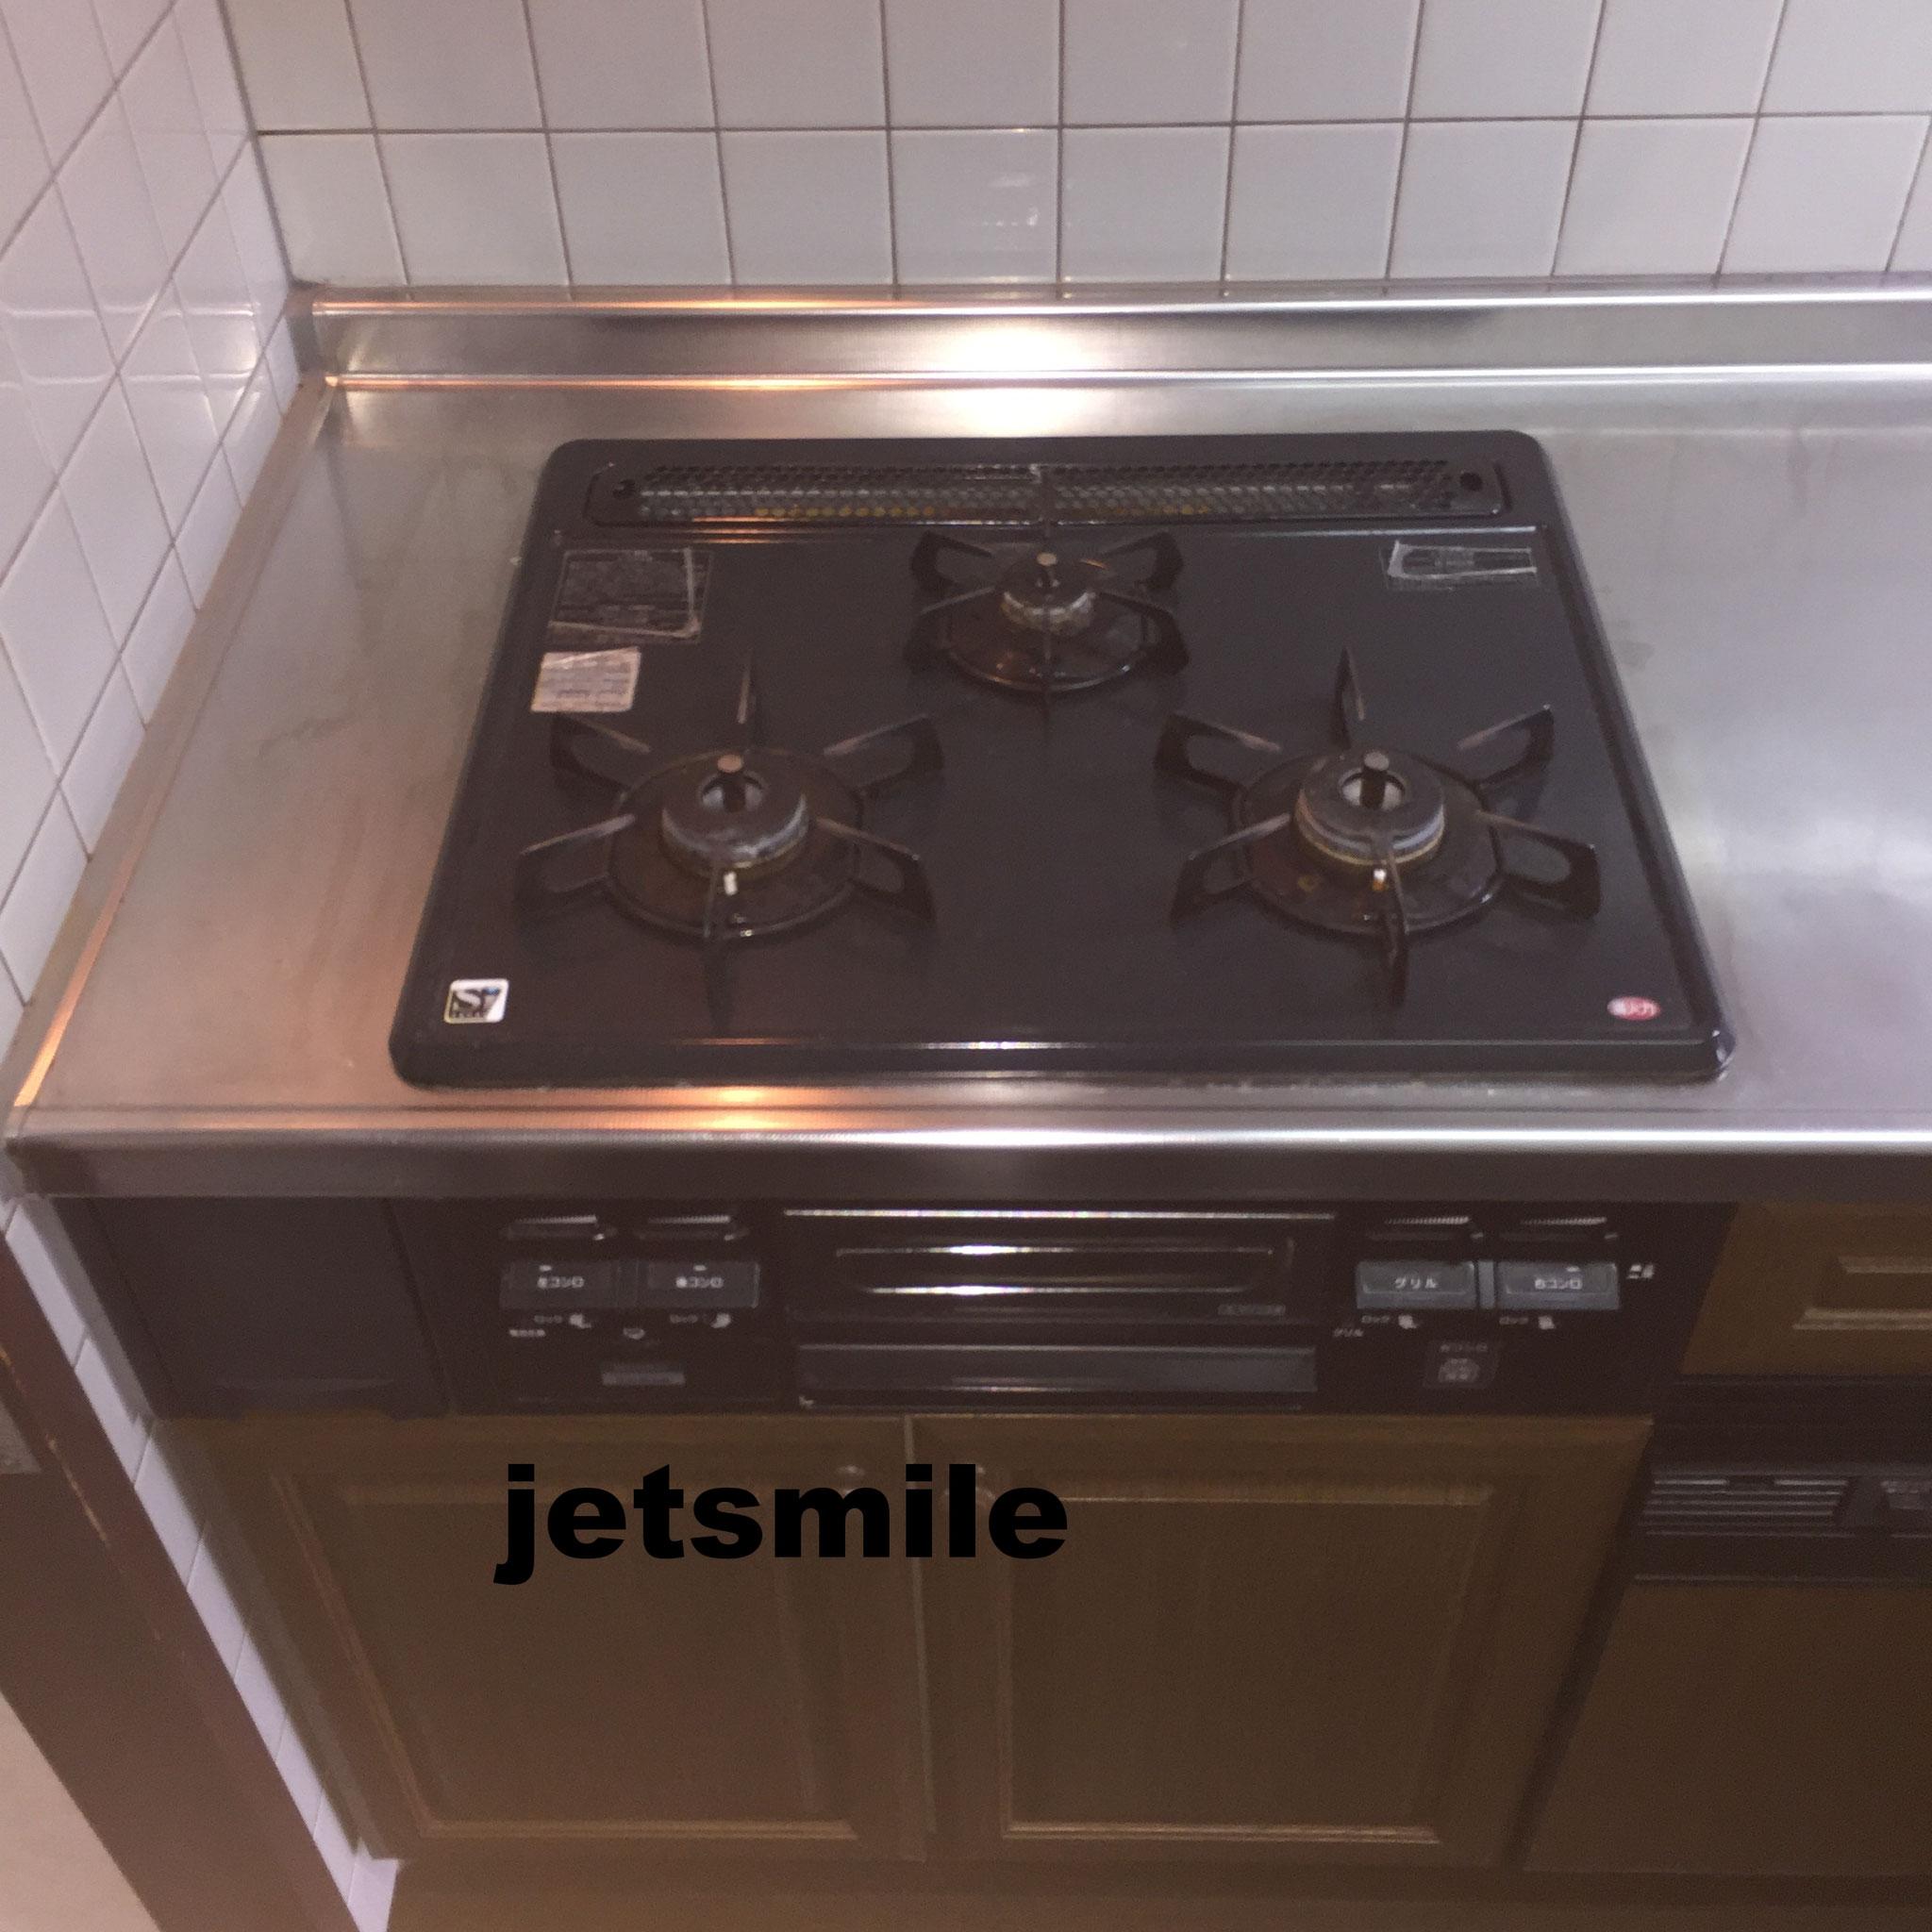 キッチン、ガスコンロの油こげつき、一掃します。詳しくはコチラ